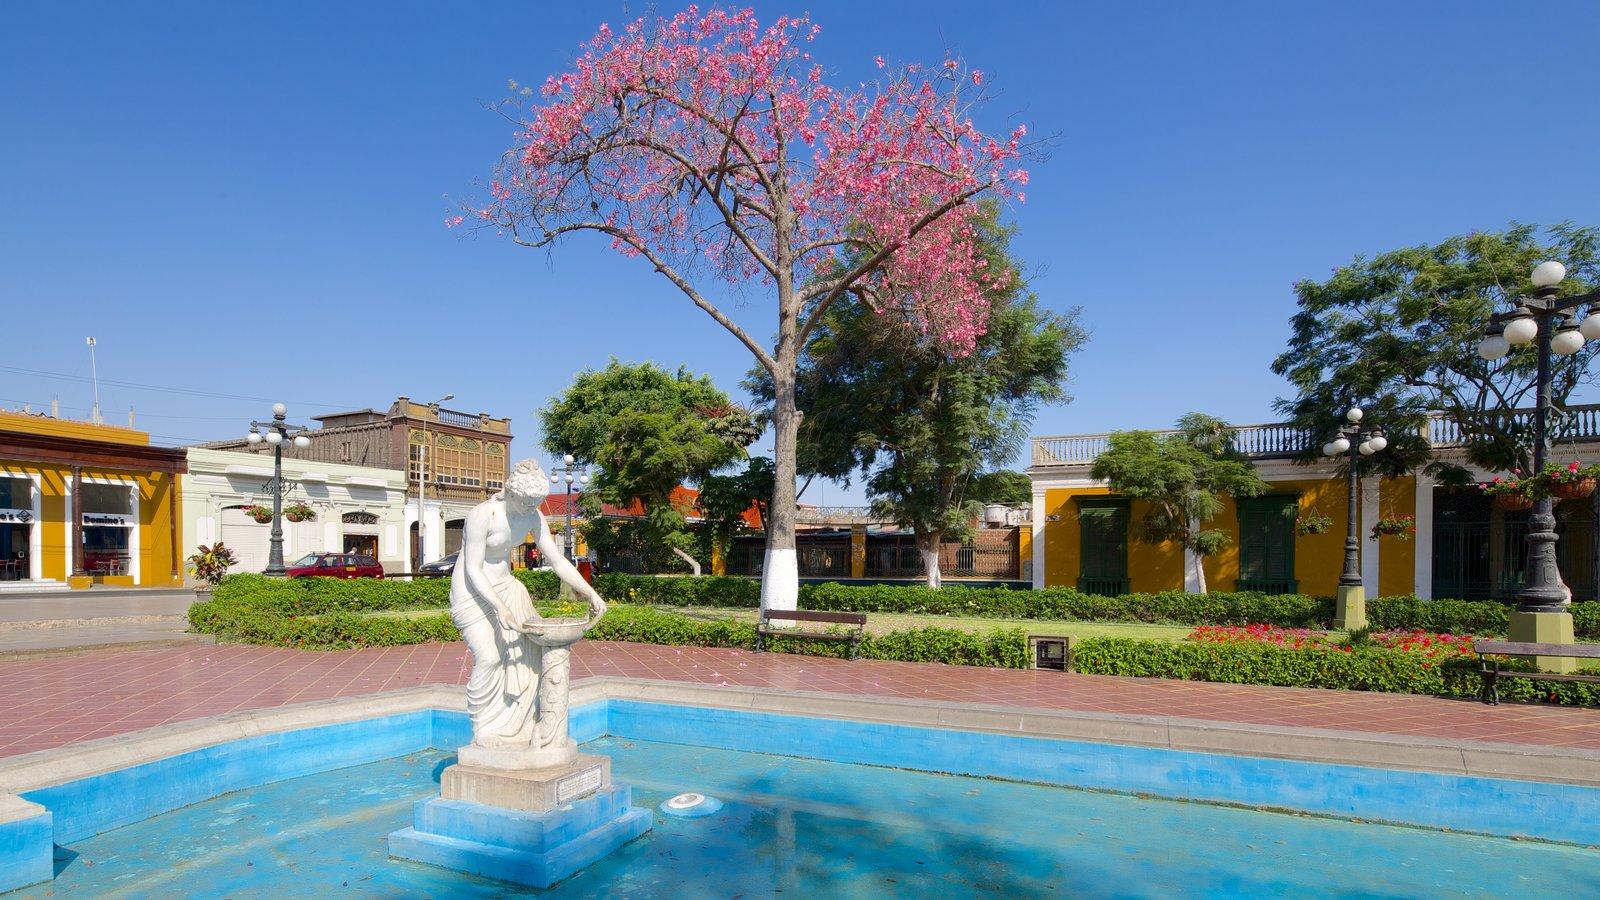 Barranco caracterizando uma cidade, arte ao ar livre e arte